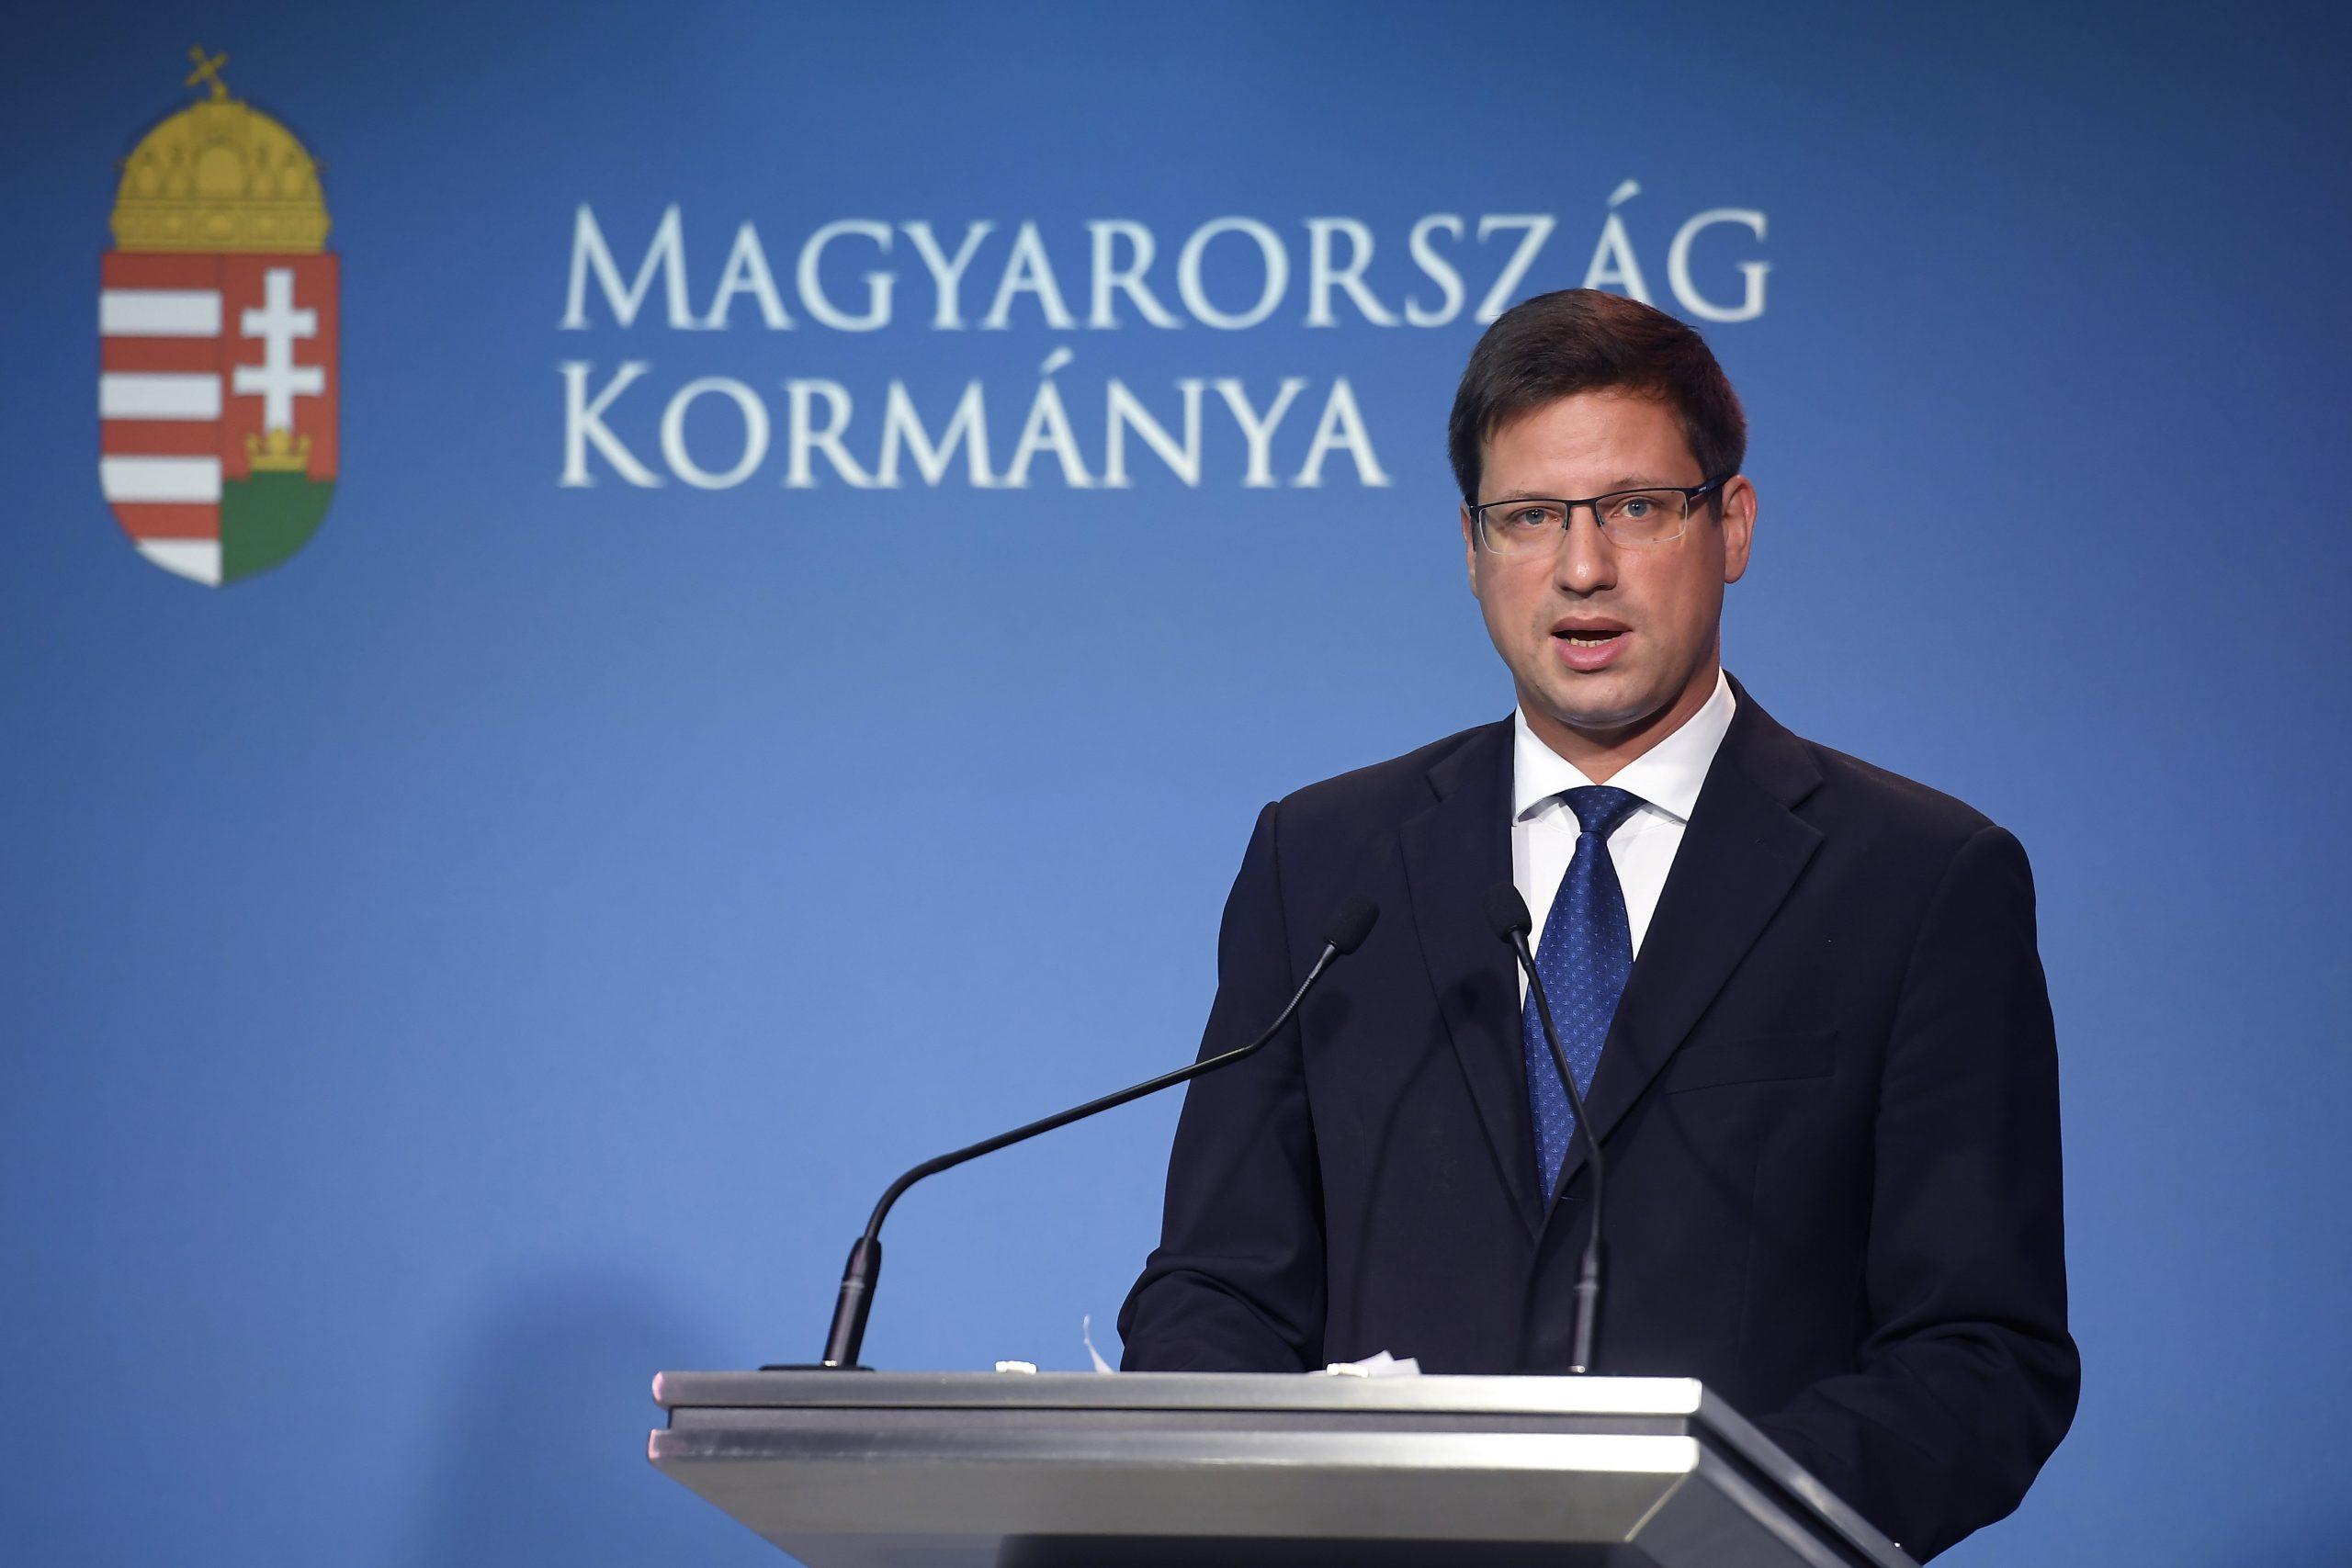 Le gouvernement examinera la situation de Covid et l'efficacité des restrictions actuelles la semaine prochaine